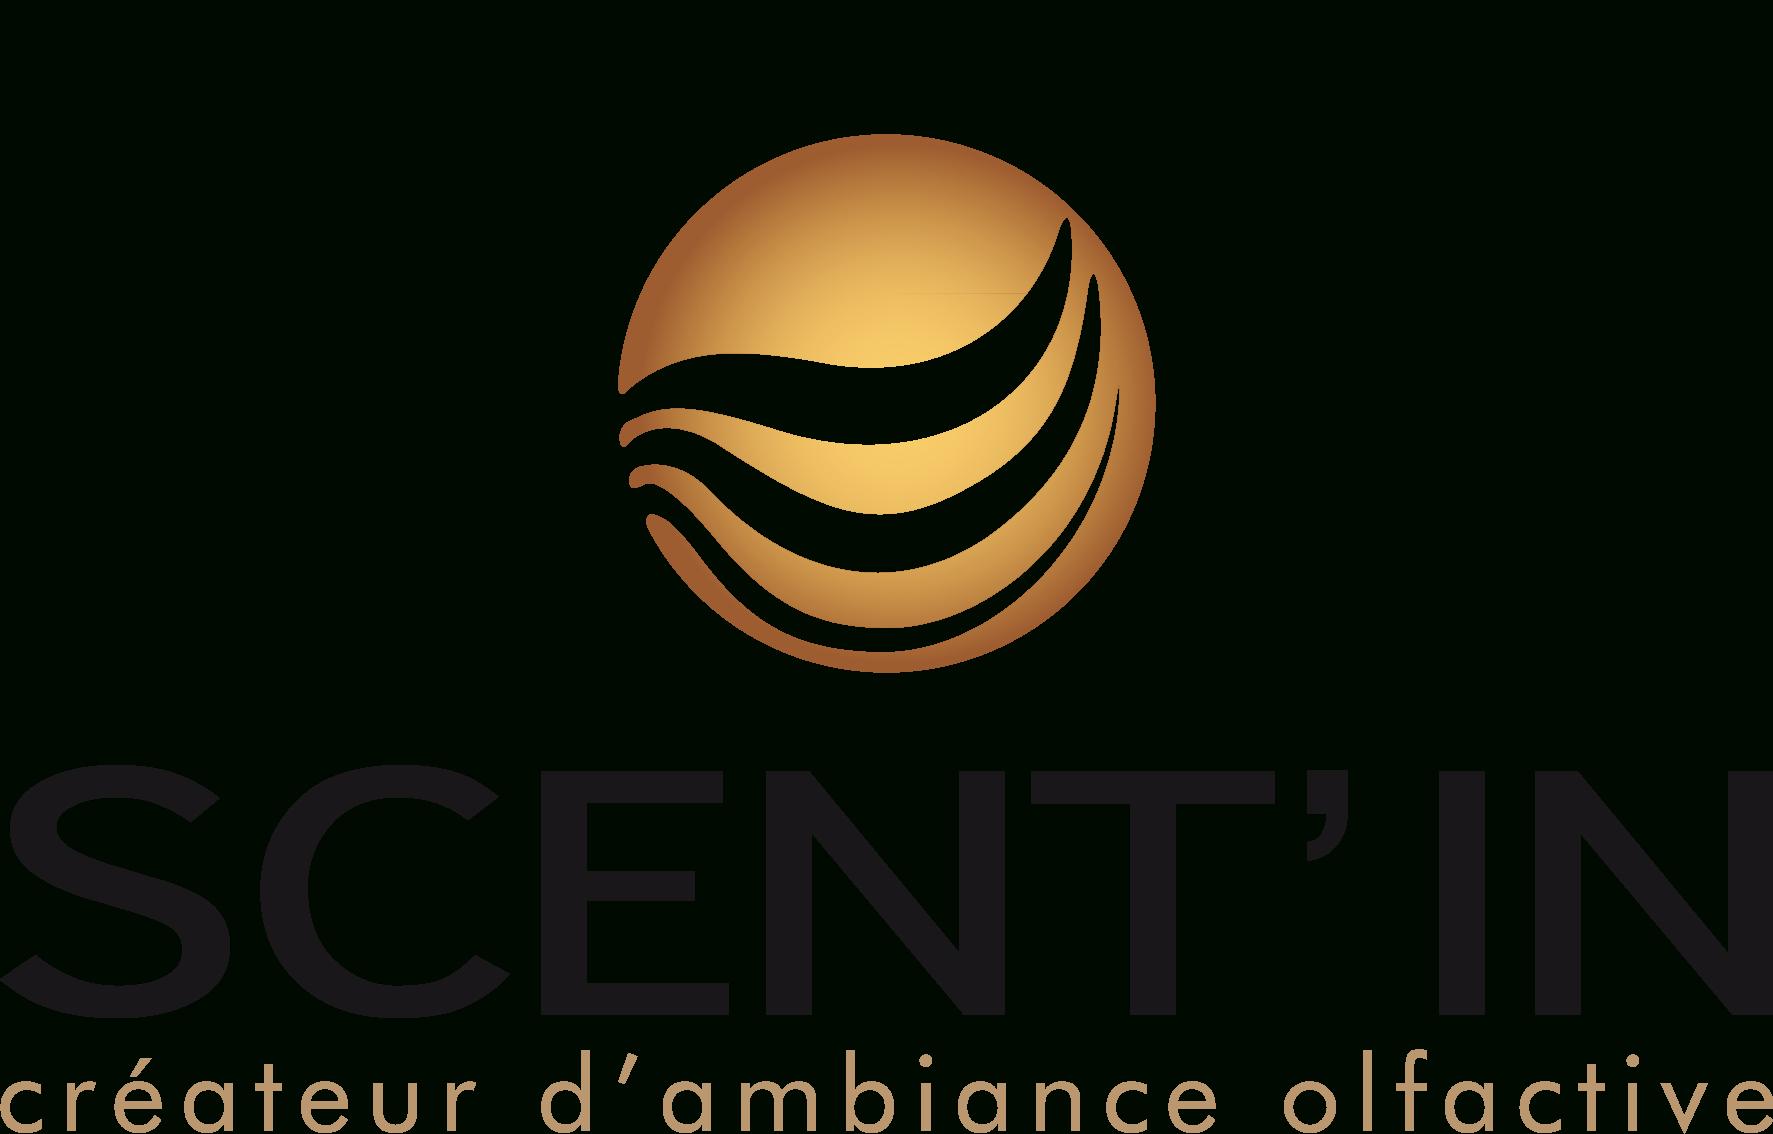 Scent'in France - Créateur D'ambiance Olfactive - Marketing concernant Sens Olfactif